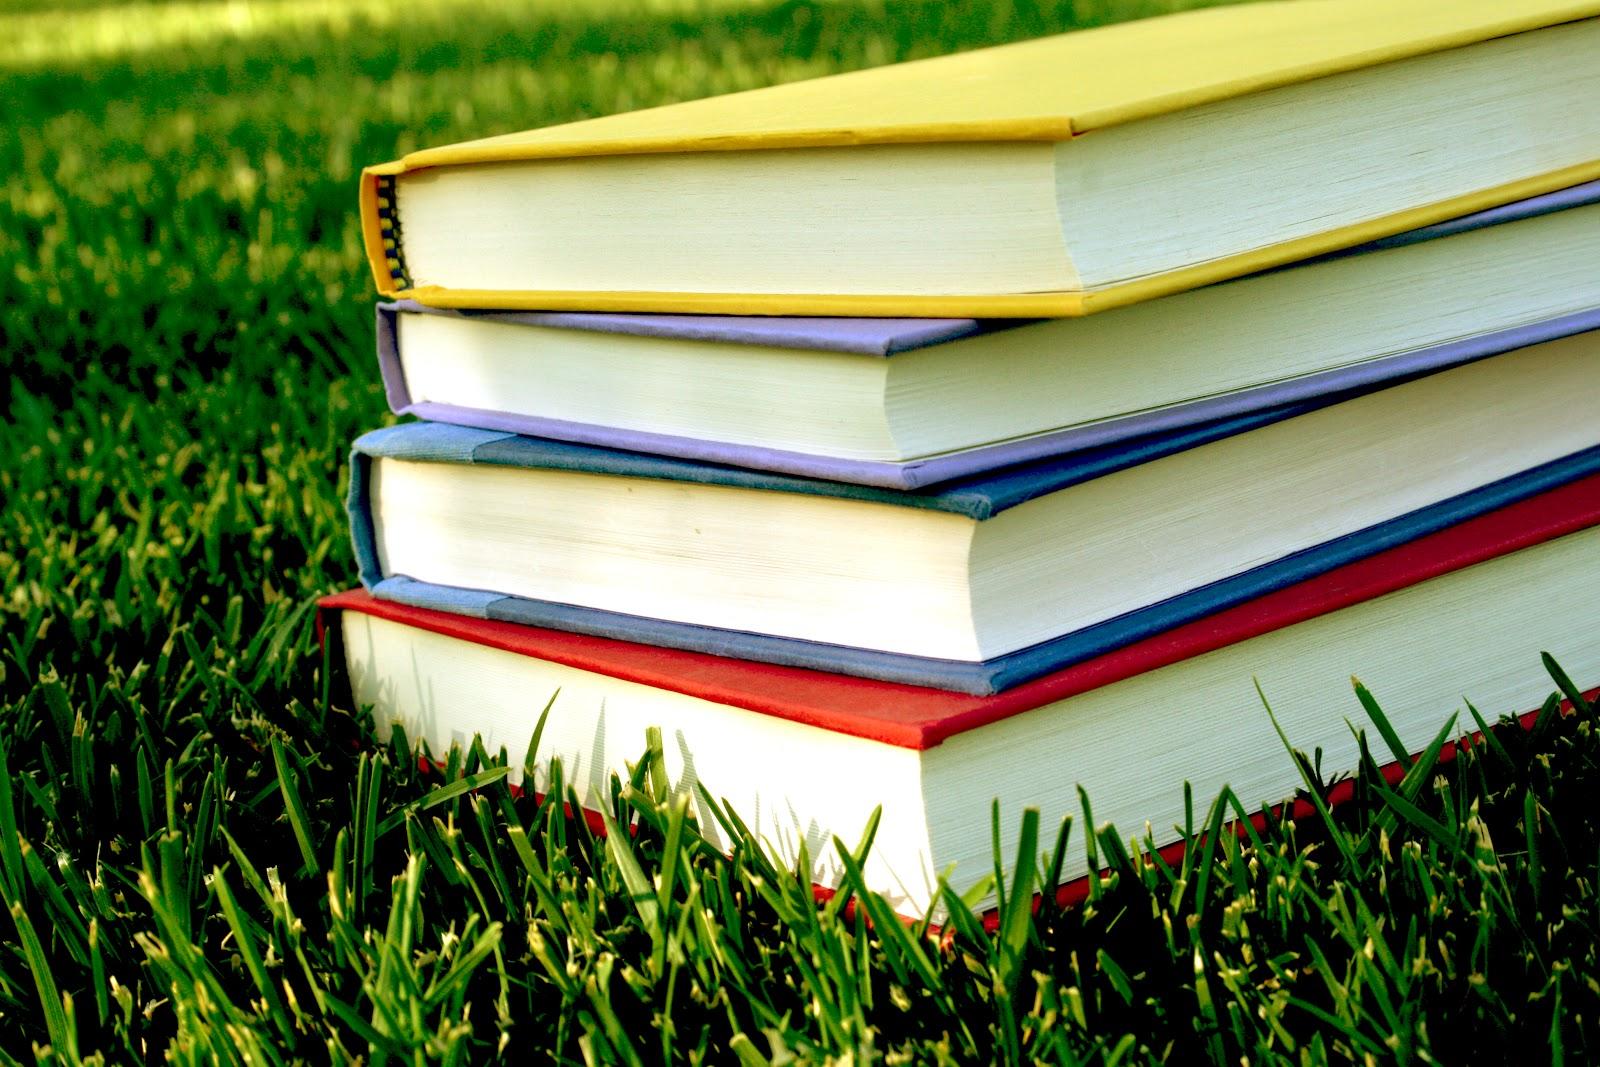 books on grass_161043